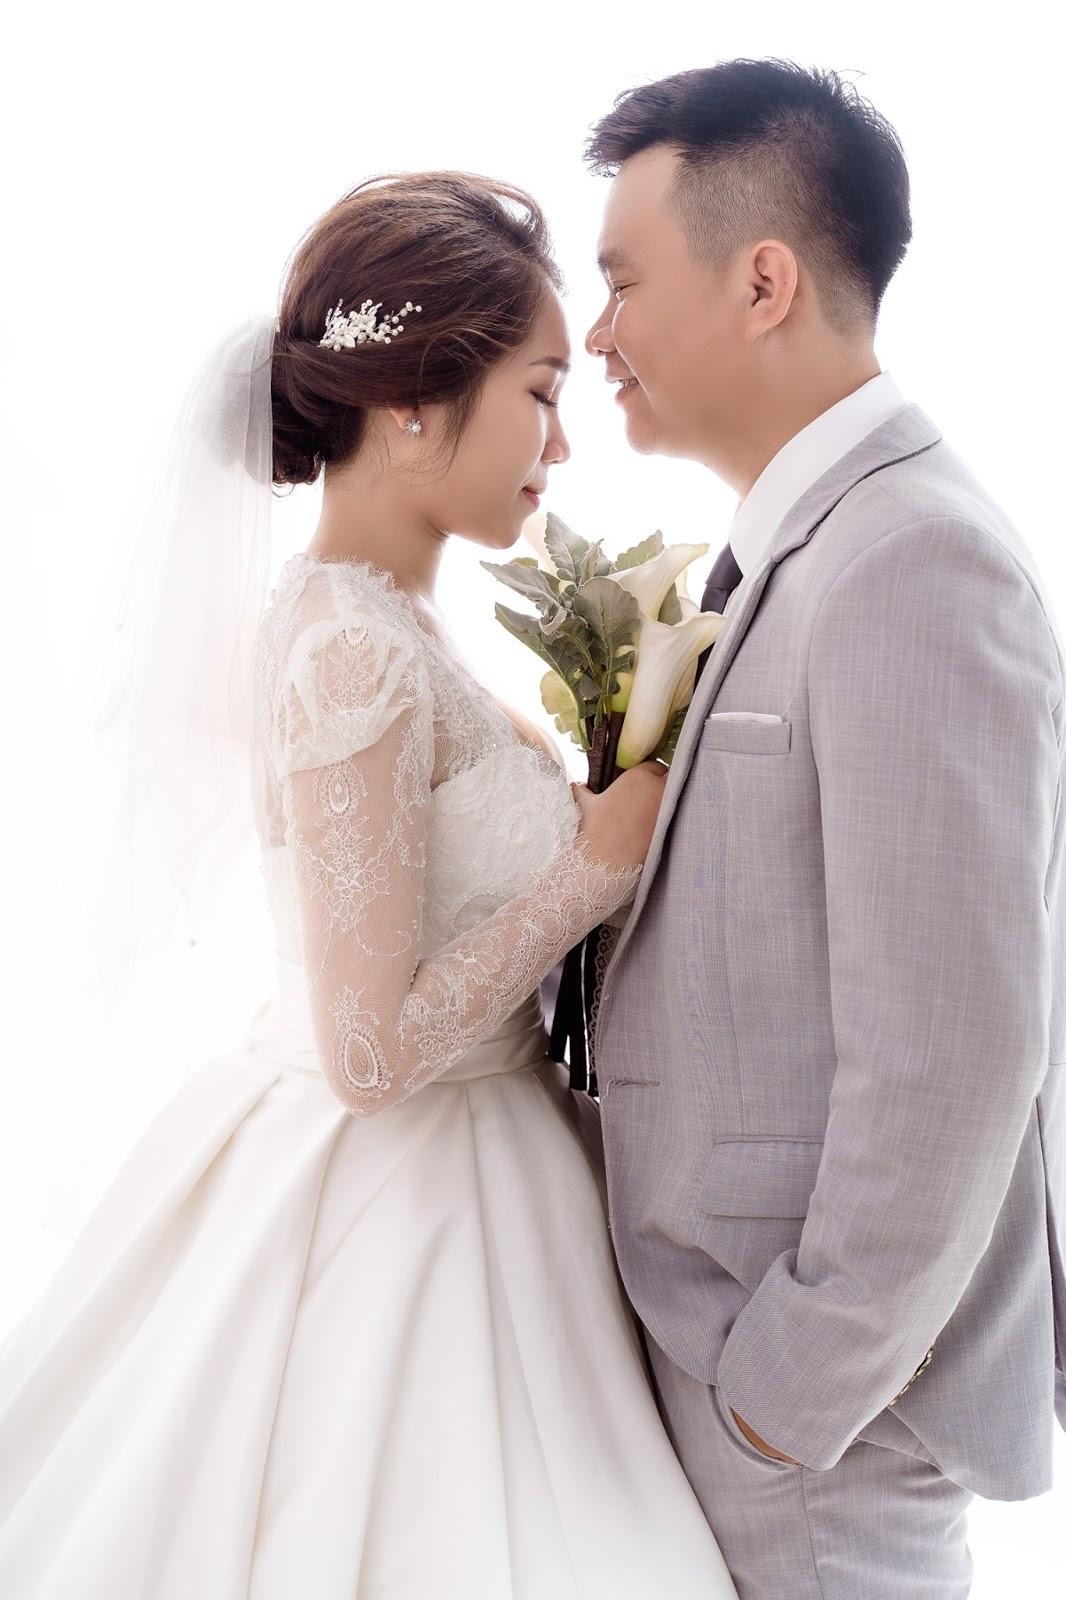 kiểu tóc cô dâu đẹp nhất, chụp ảnh cưới trong Studio ở Nha Trang